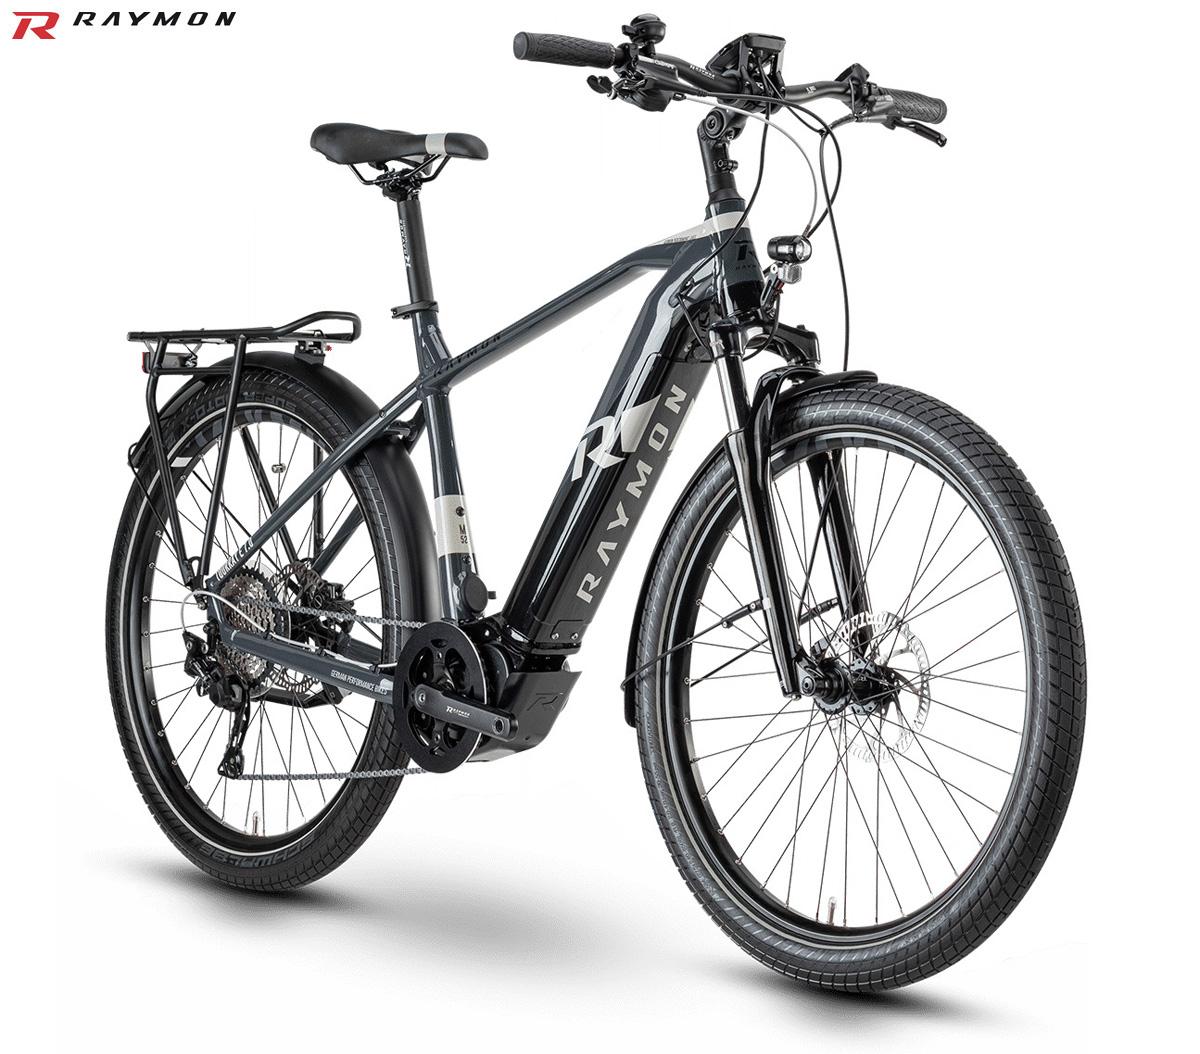 Una ebike da trekking R Raymon TourRay E 7.0 Gent 2020